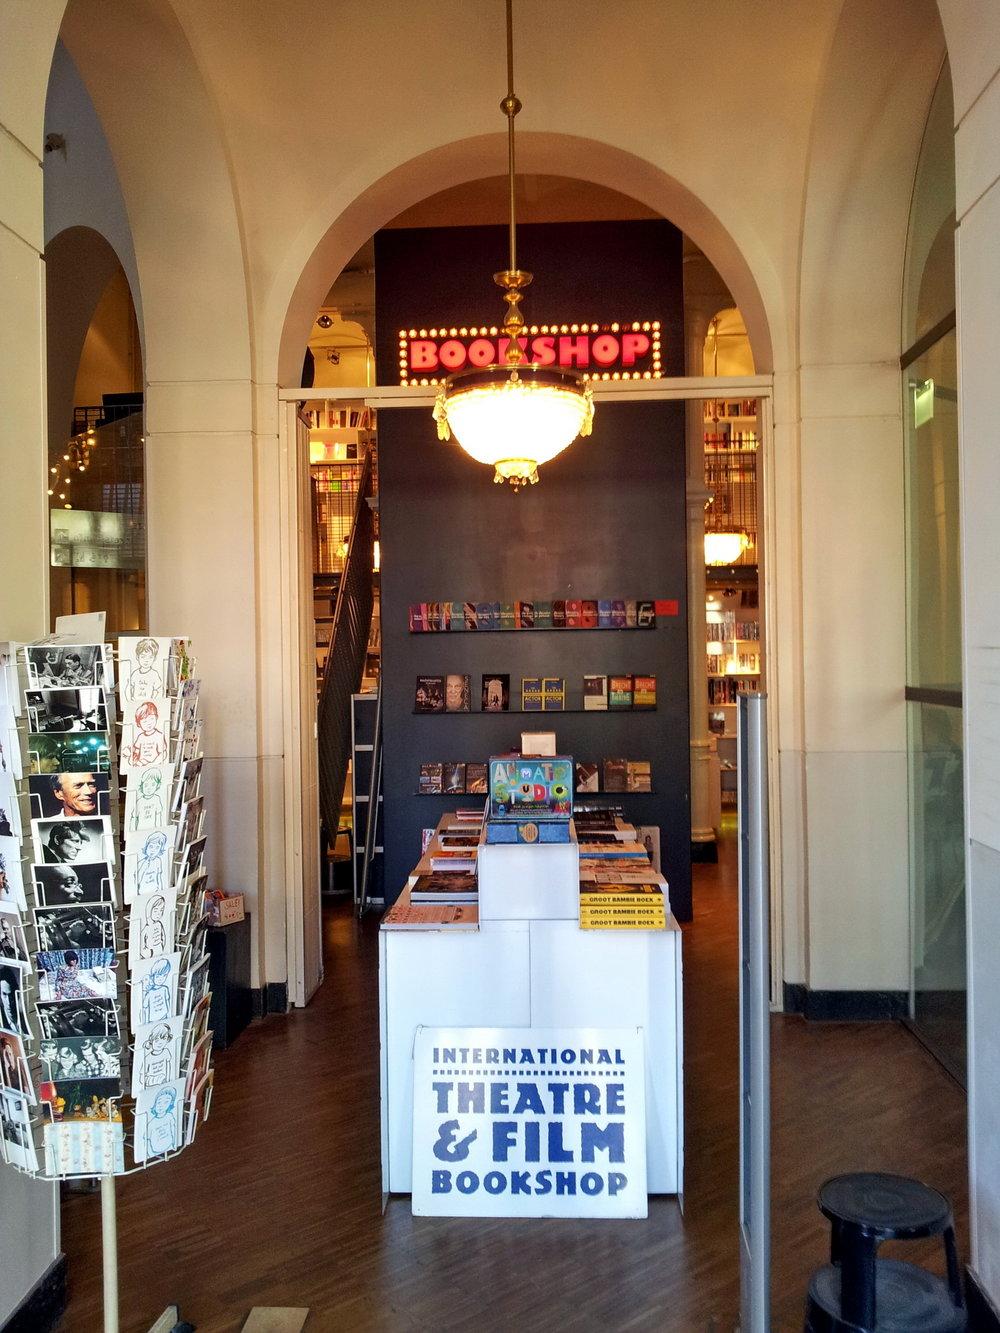 Amsterdam,_Stadsschouwburg,_theaterbookshop3.jpg